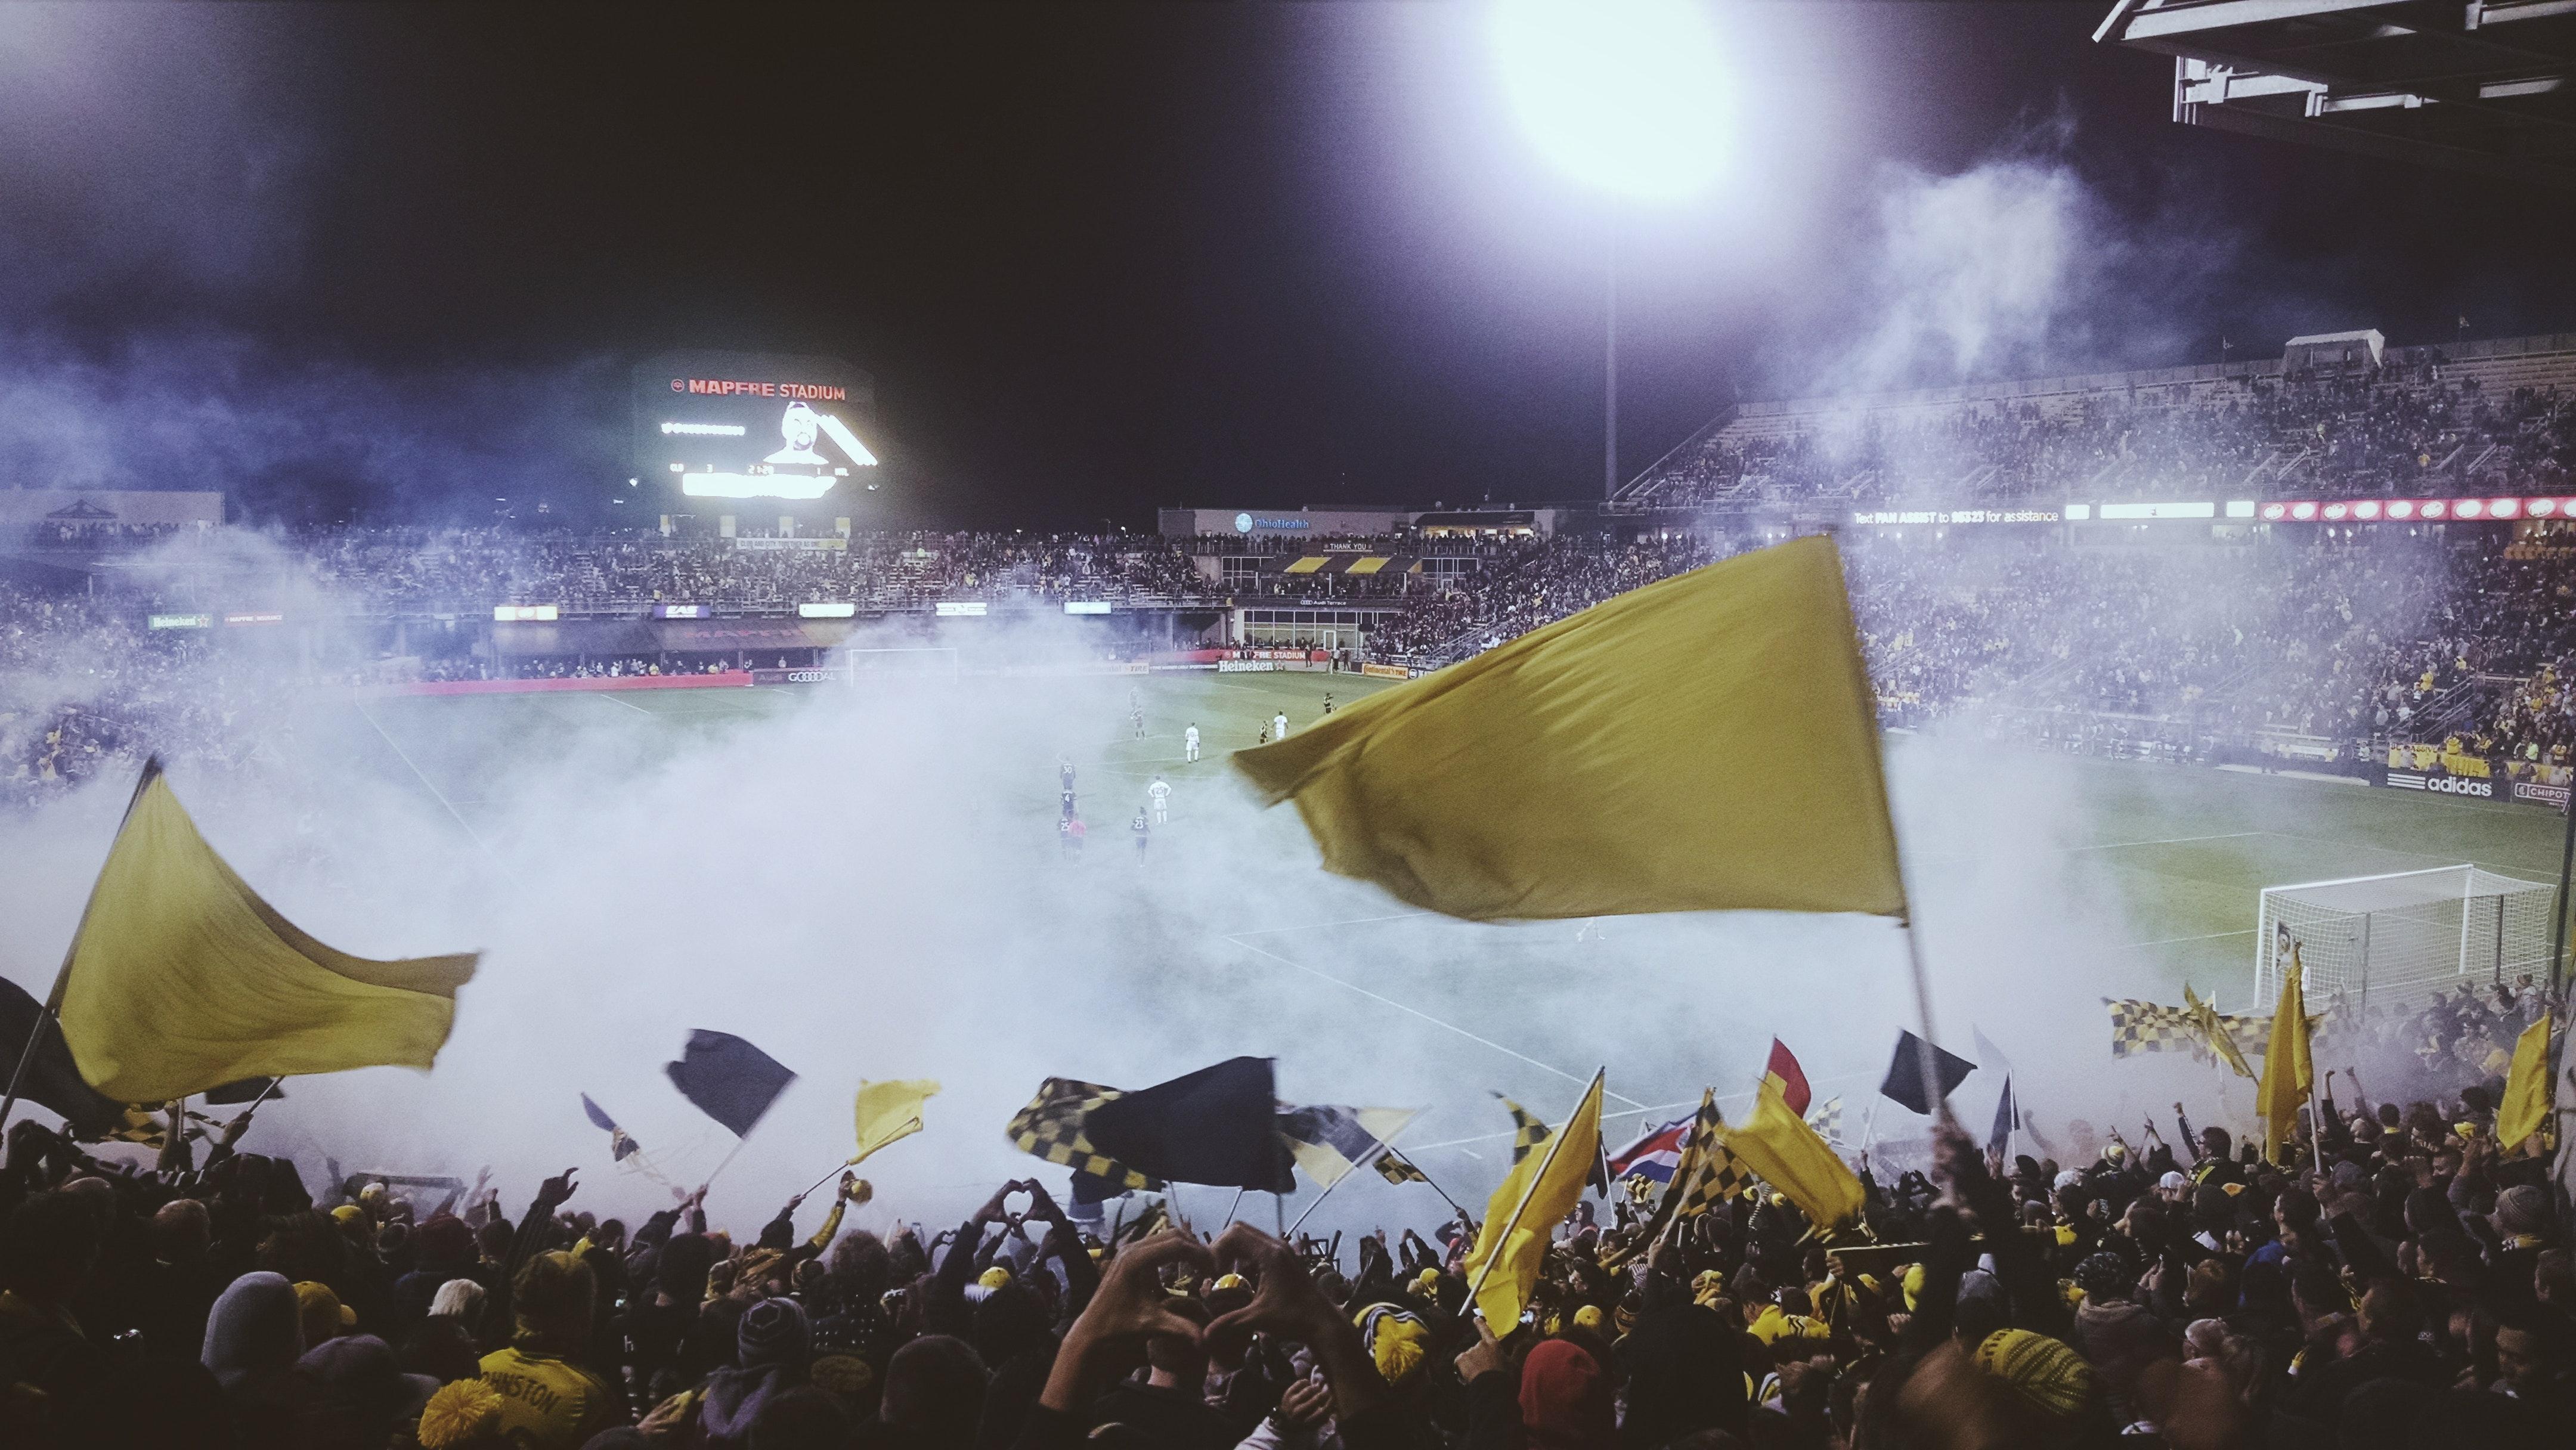 En fotballbane i røyk